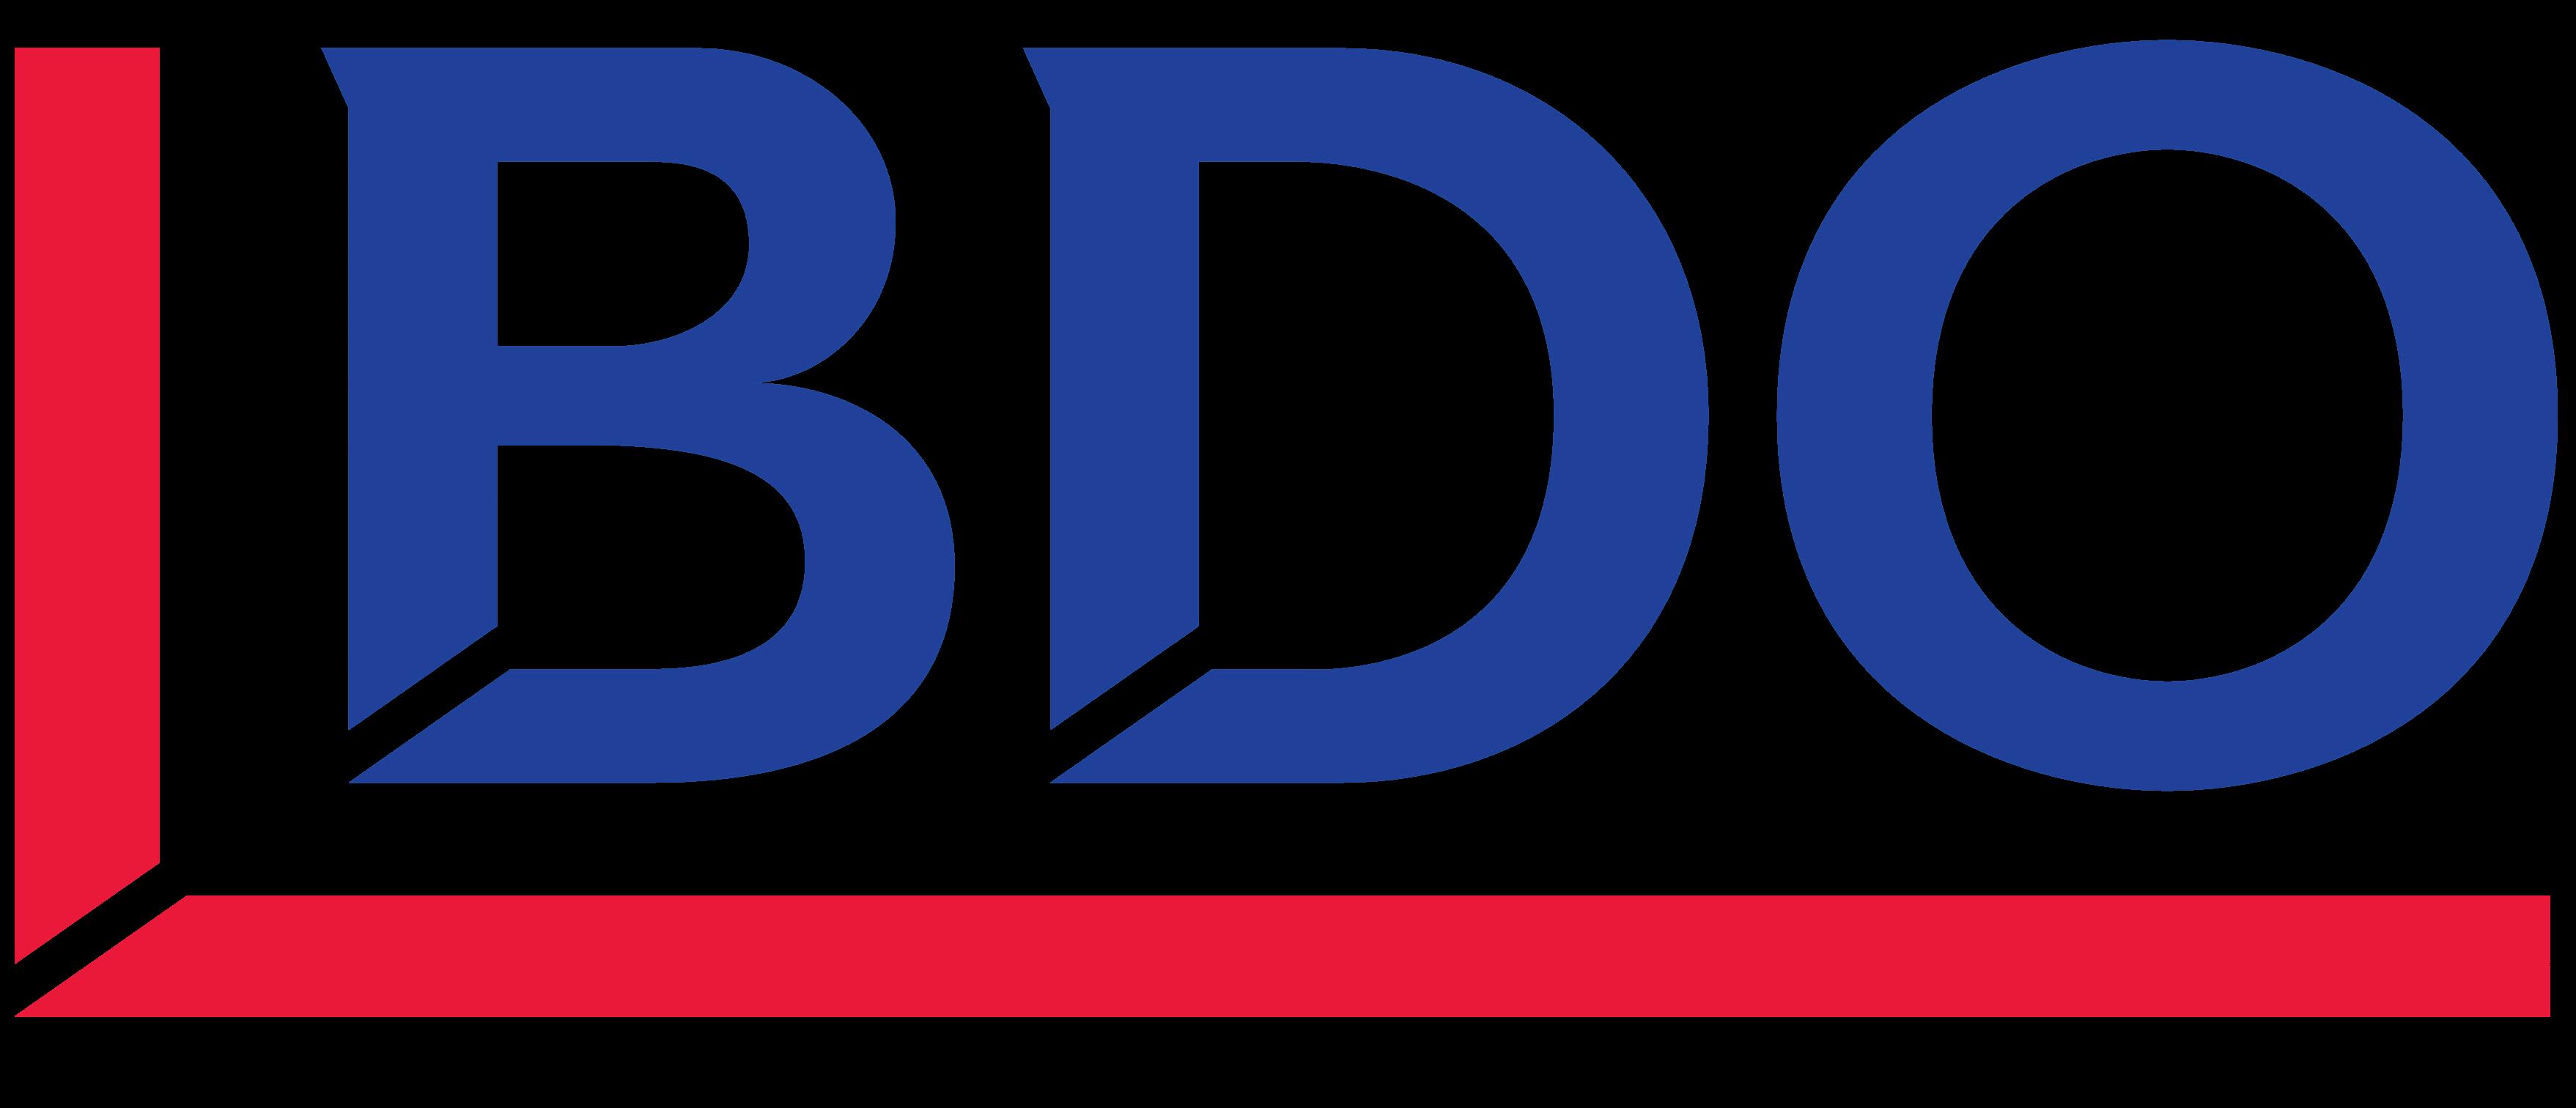 BDO Oy logo